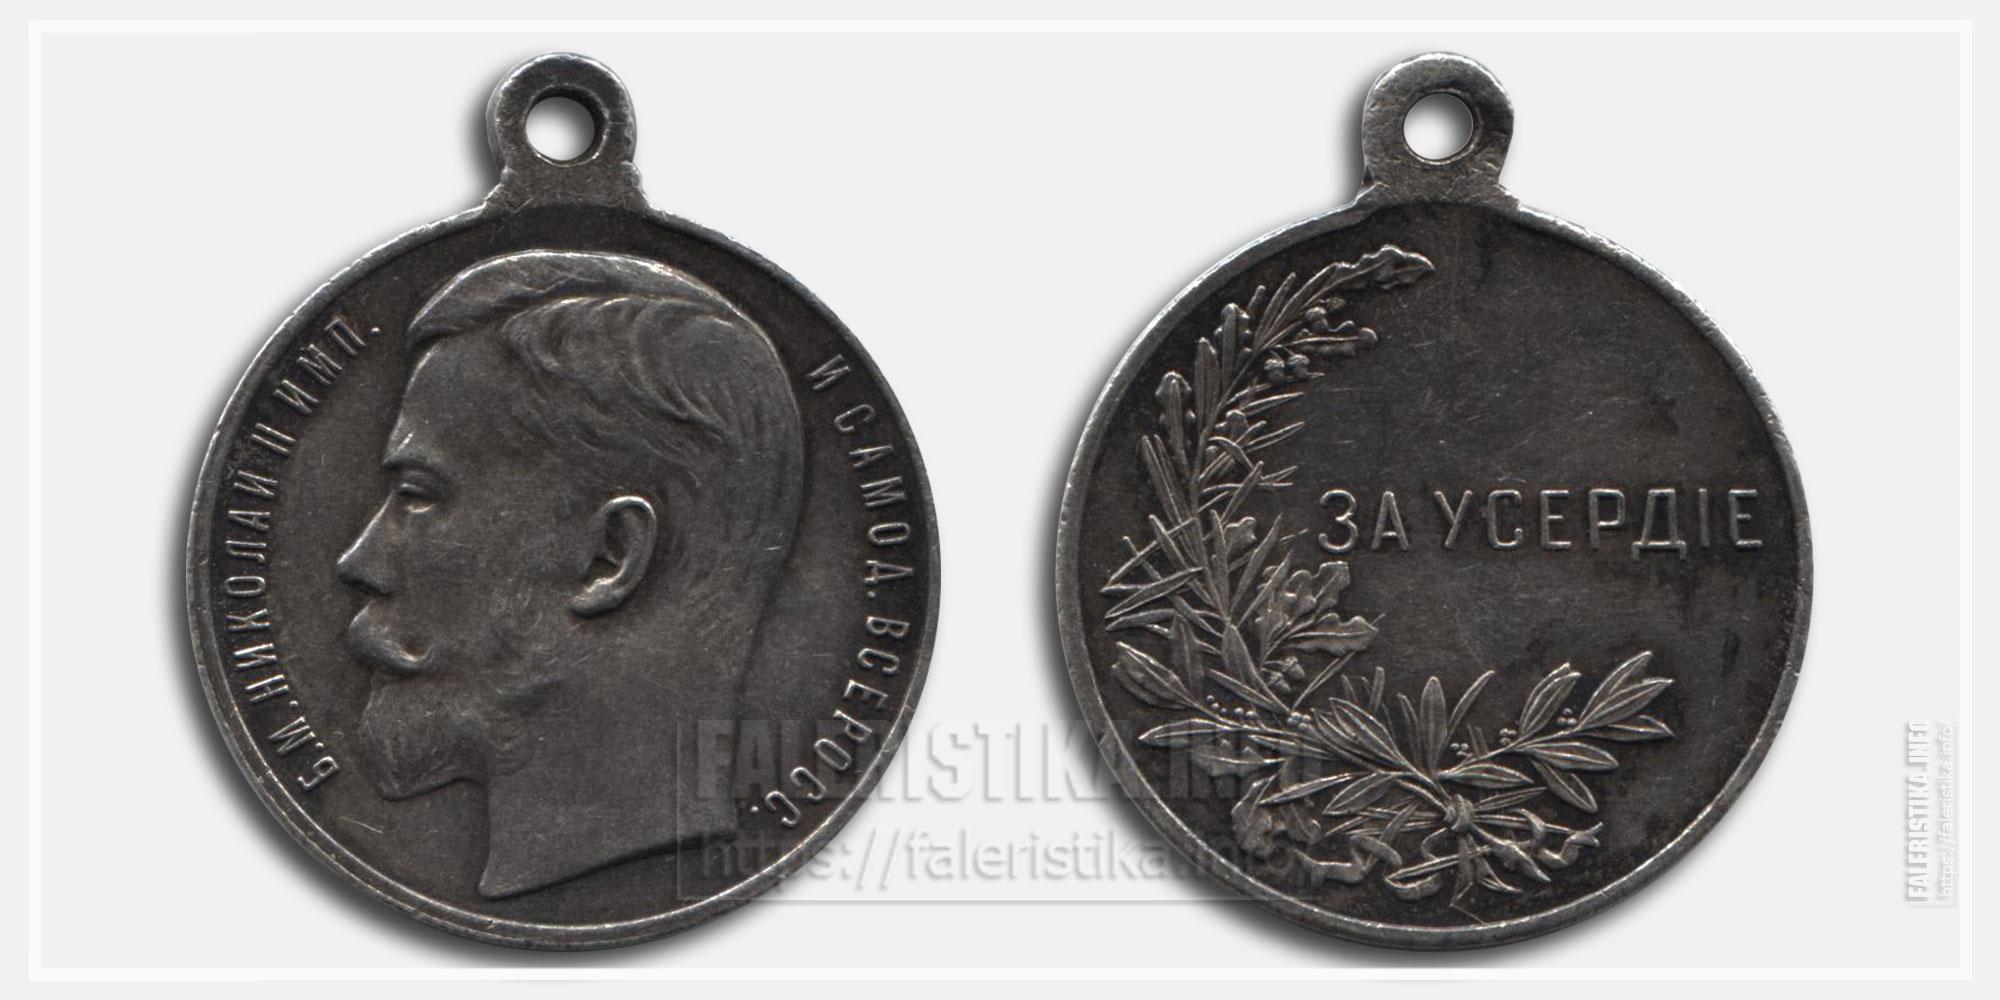 """Медаль """"За усердие"""" Николай II Серебро. Диаметр 28 мм"""